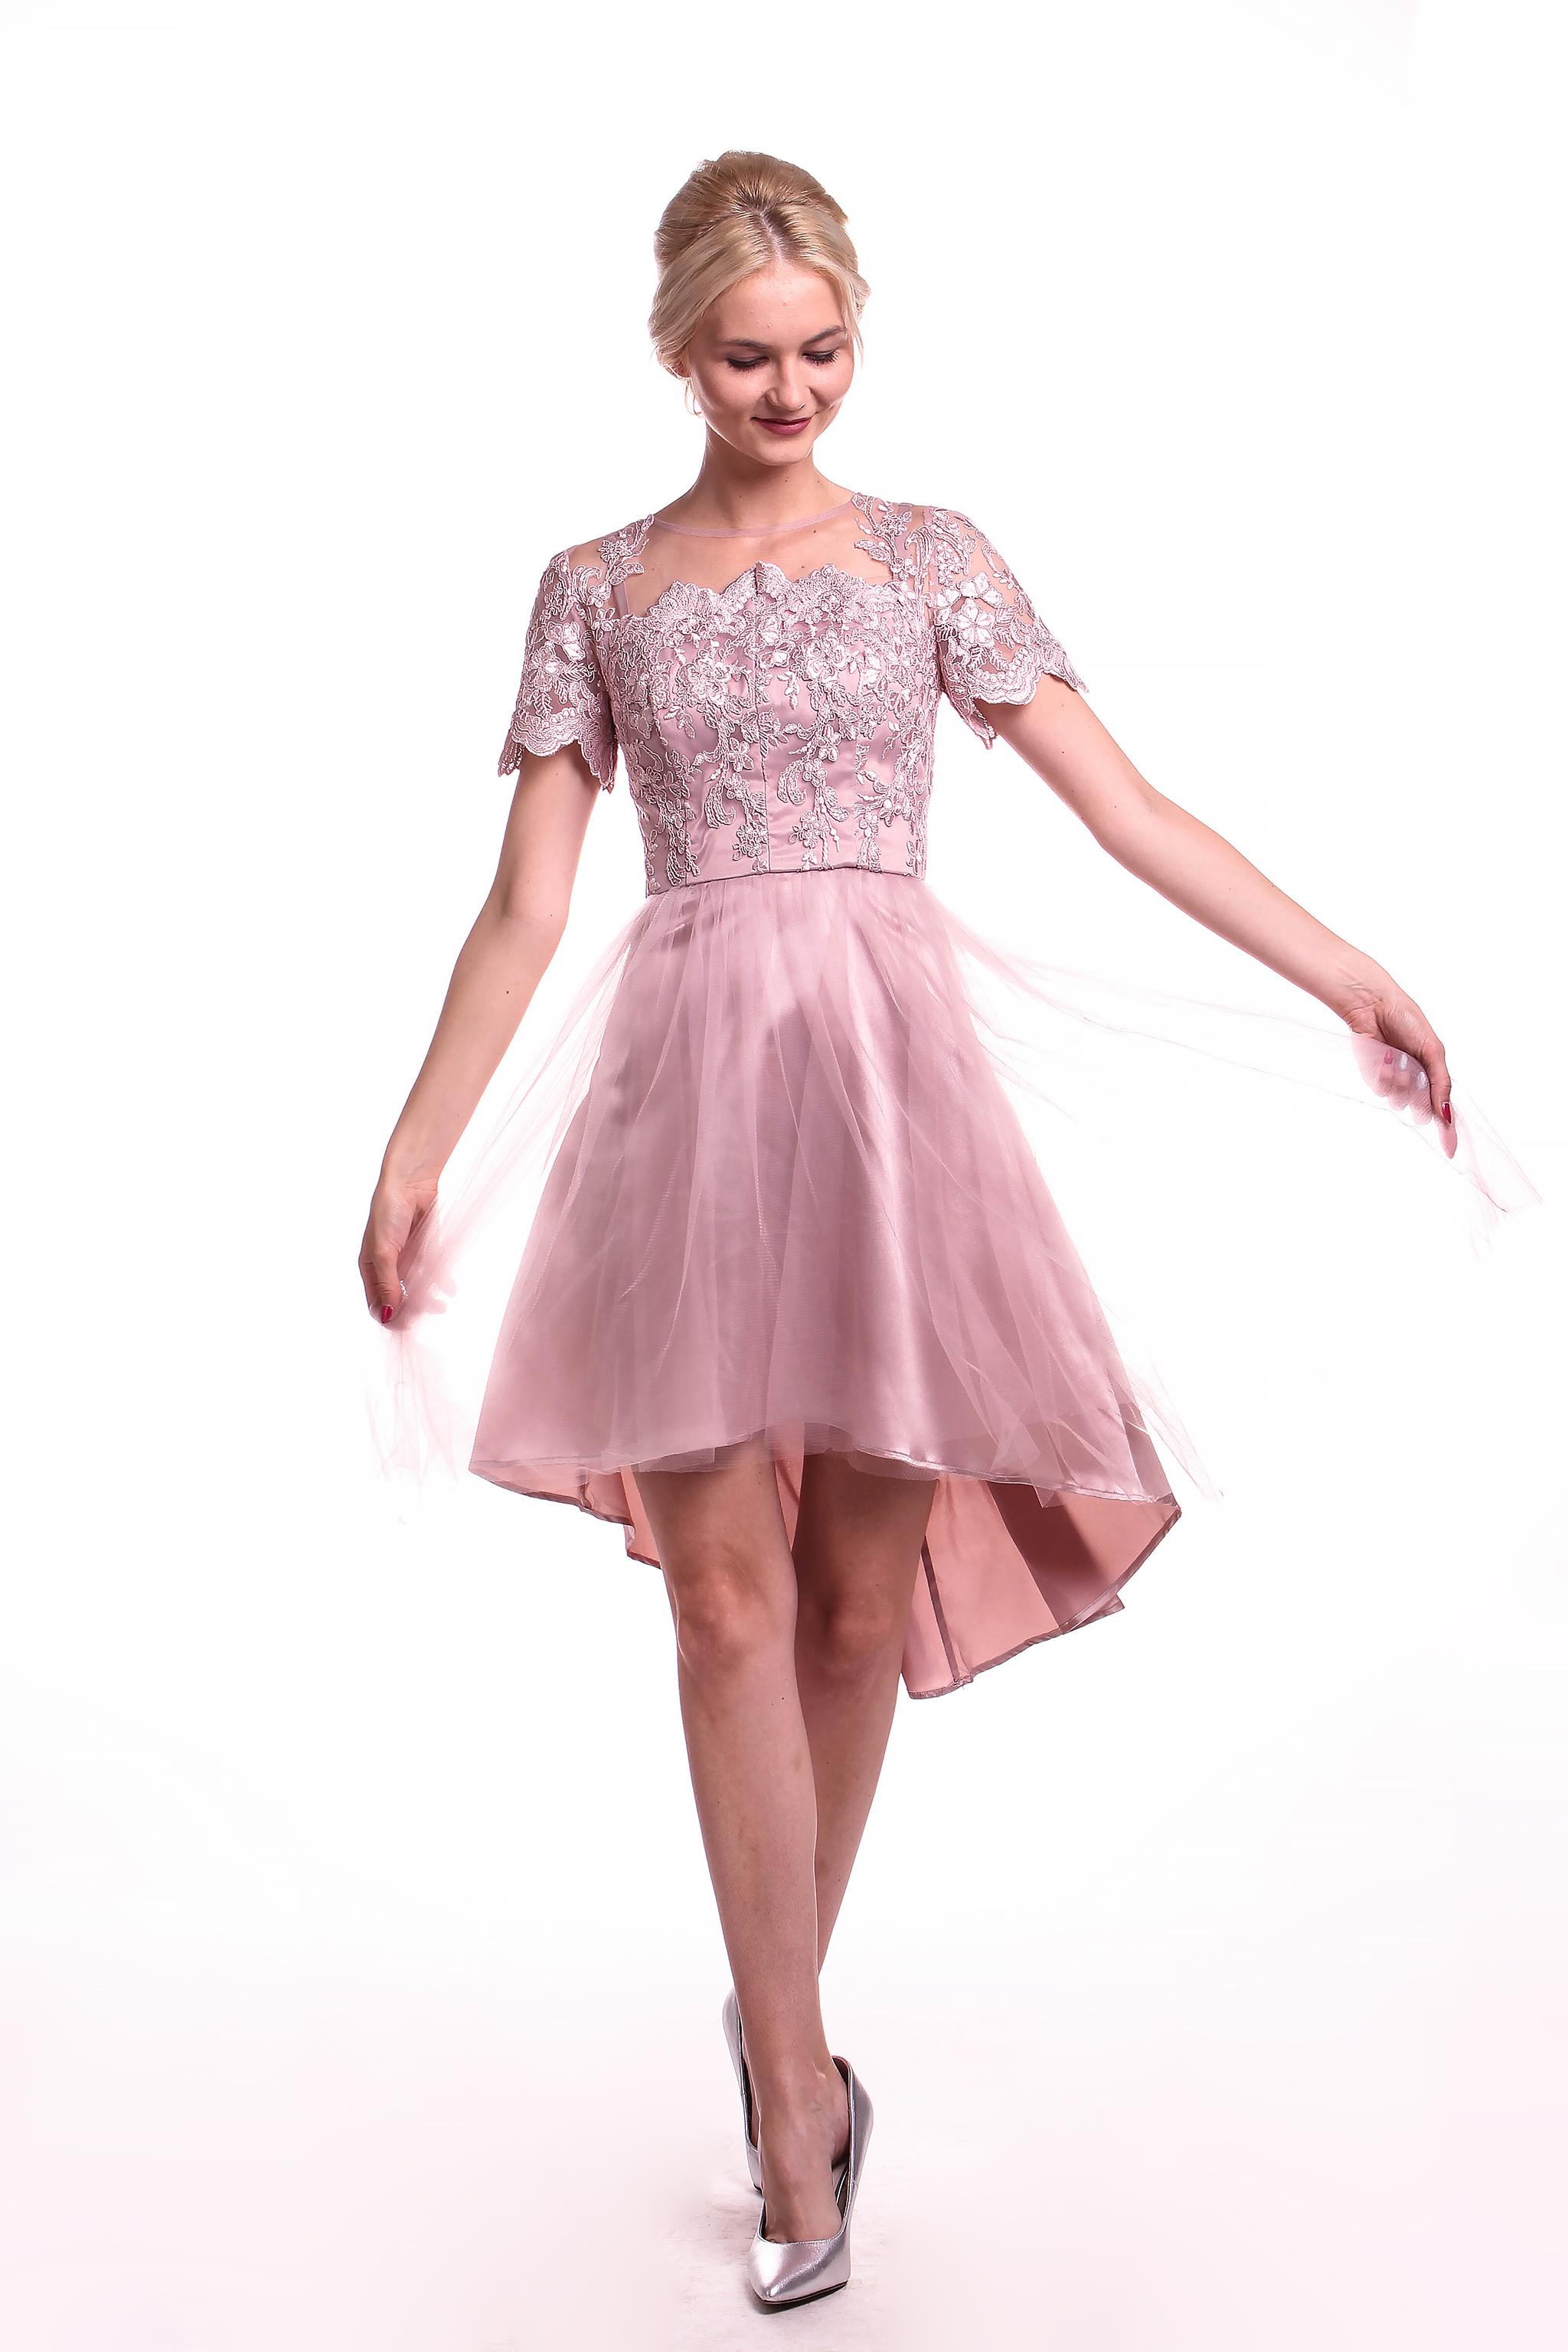 Obrázok 4 Chi-Chi London ružové šaty 5c0f2c85a3c